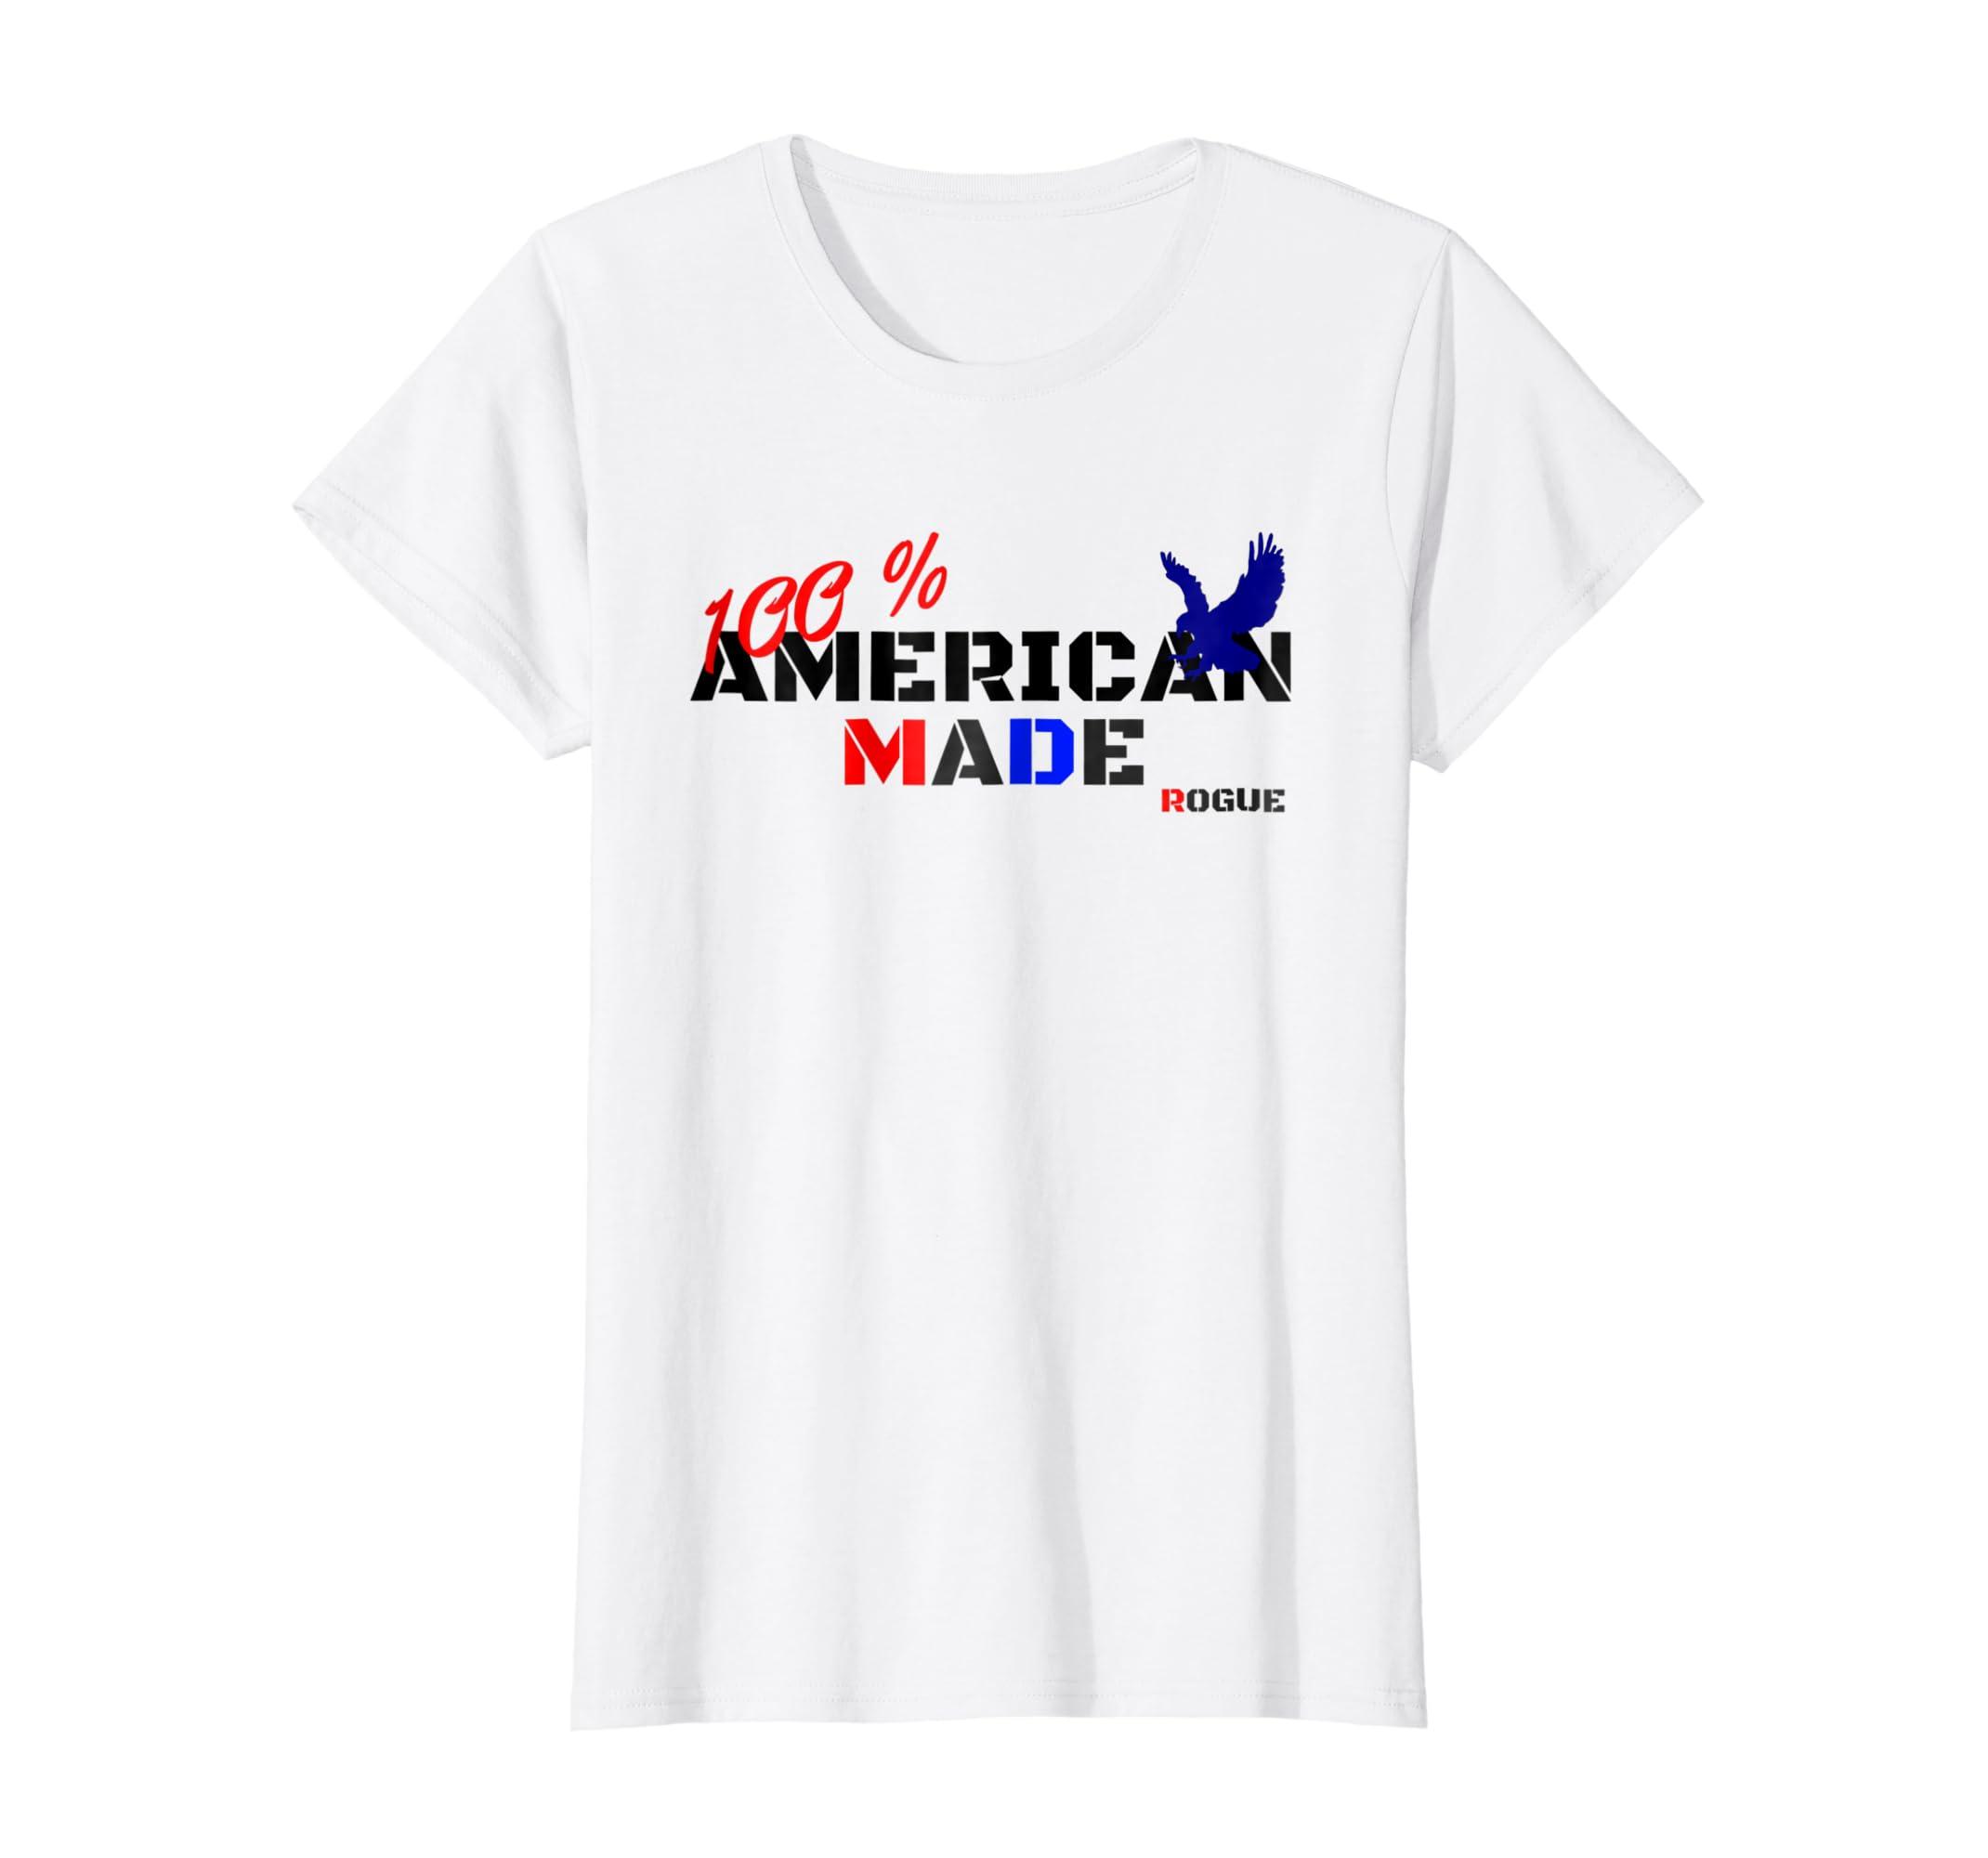 1c96ae576dd5 Amazon.com  Rogue Patriot T Shirt American USA Flag Tshirt Military Tee   Clothing